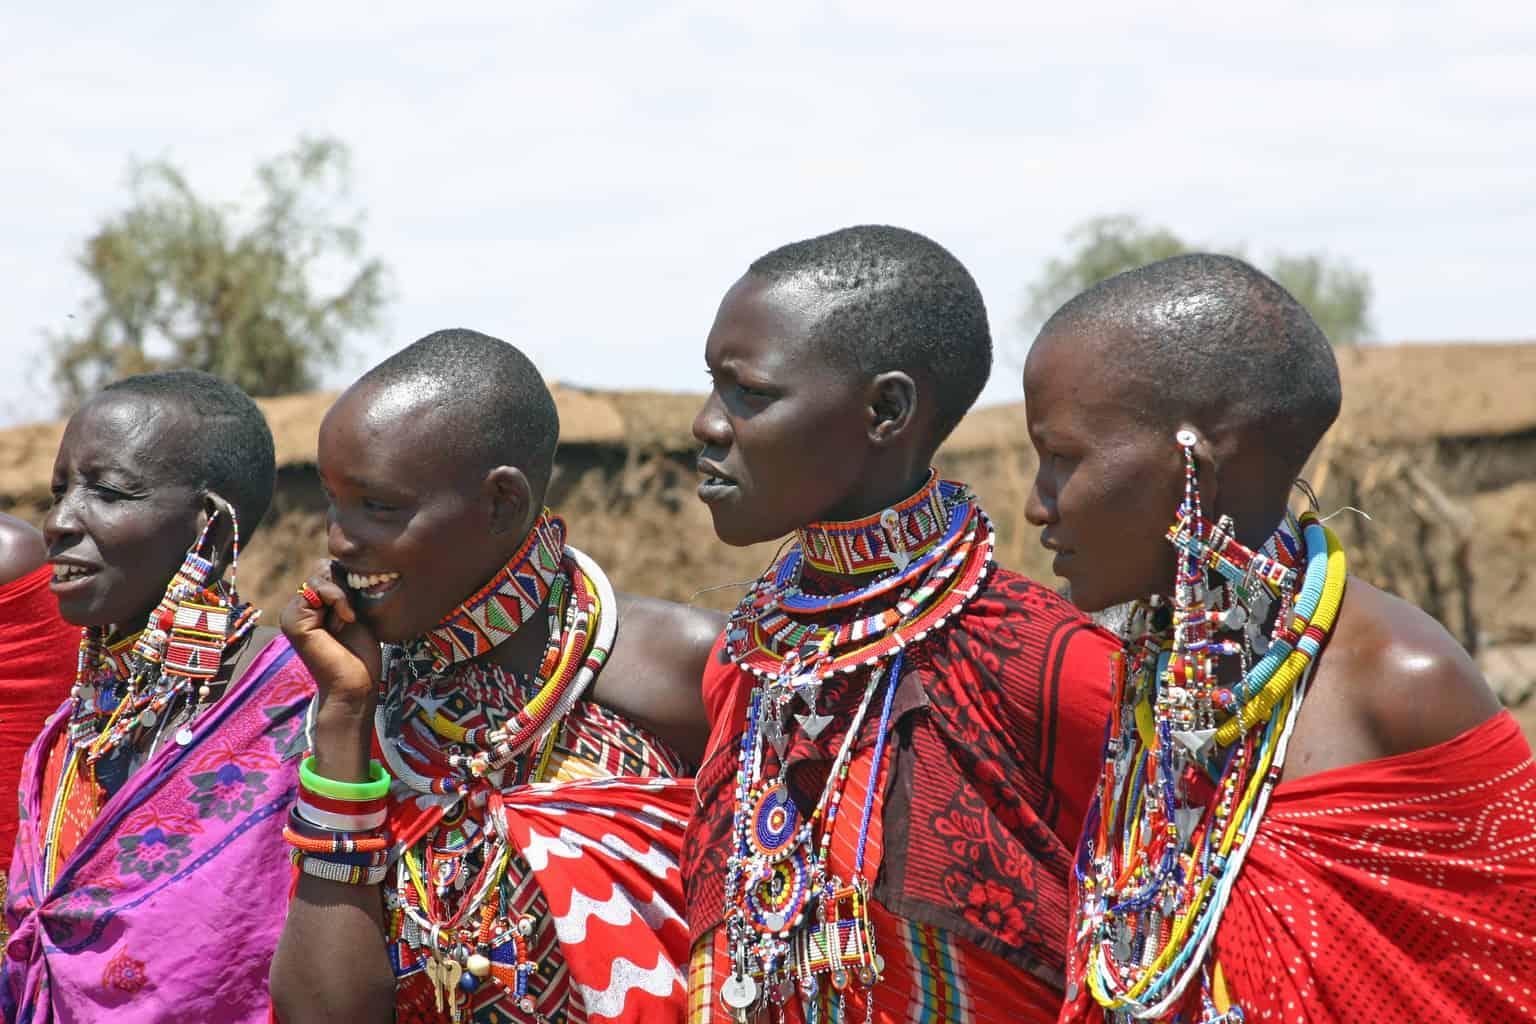 A-Reserva-Nacional-Masai-Mara-também-abriga-a-tribo-do-povo-Masai-o-que-permite-aos-visitantes-maior-proximidade-da-autêntica-cultura-queniana.